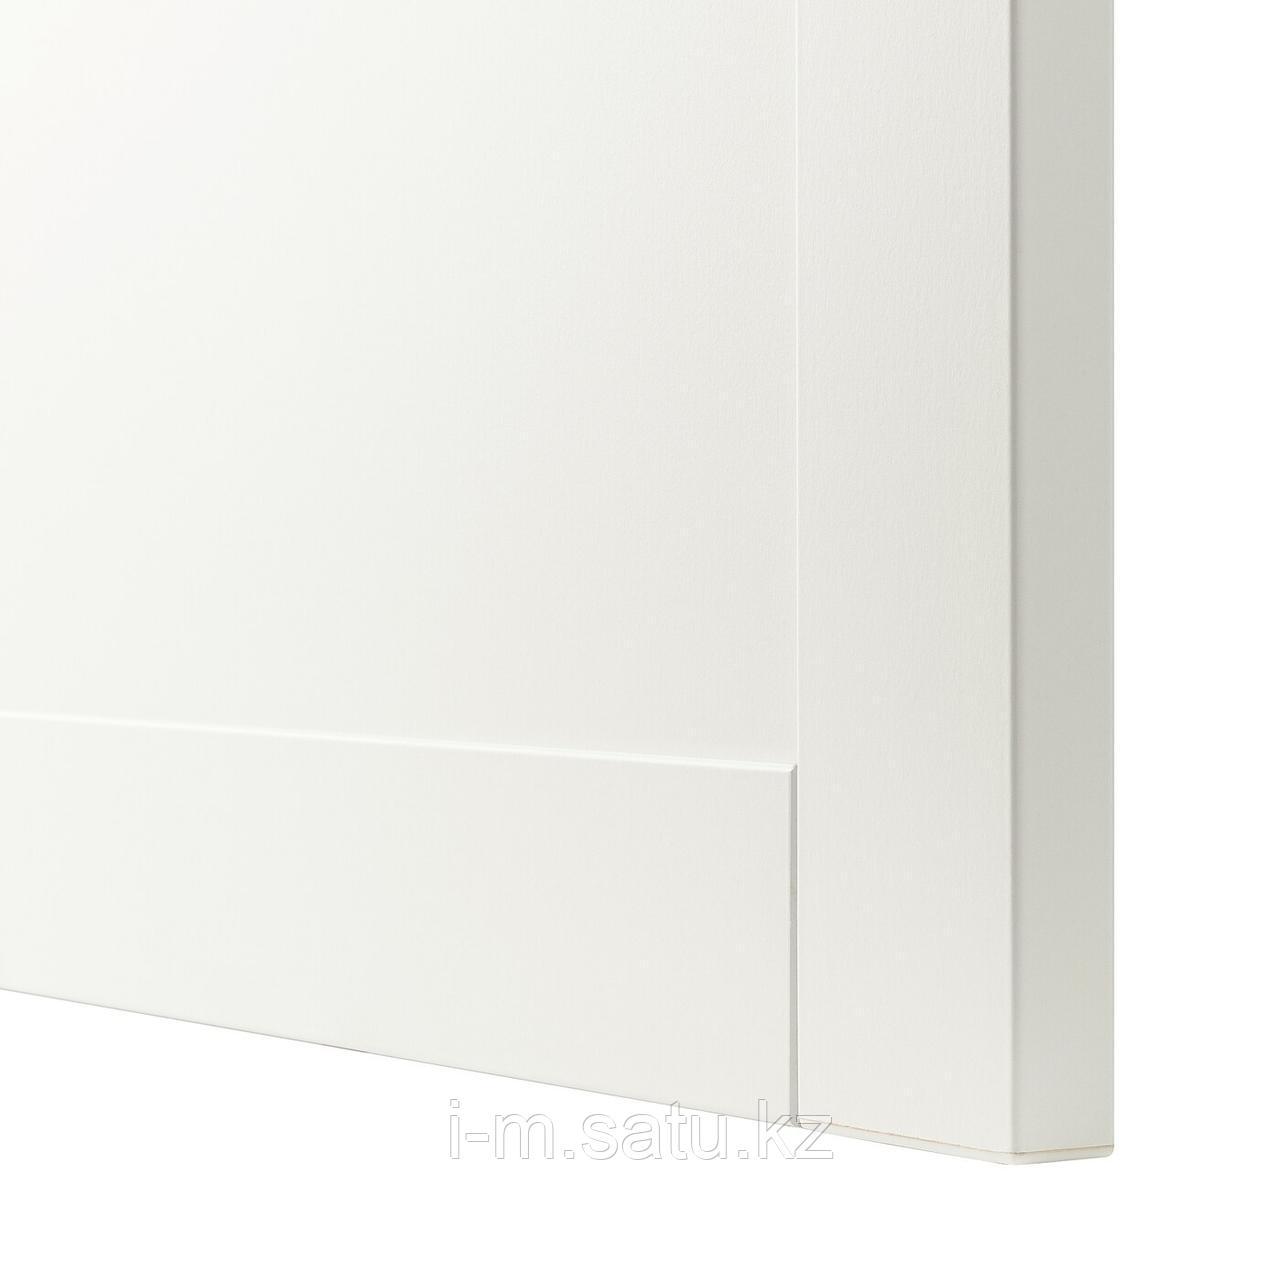 ХАНВИКЕН Дверь/фронтальная панель ящика, белый, 60x38 см